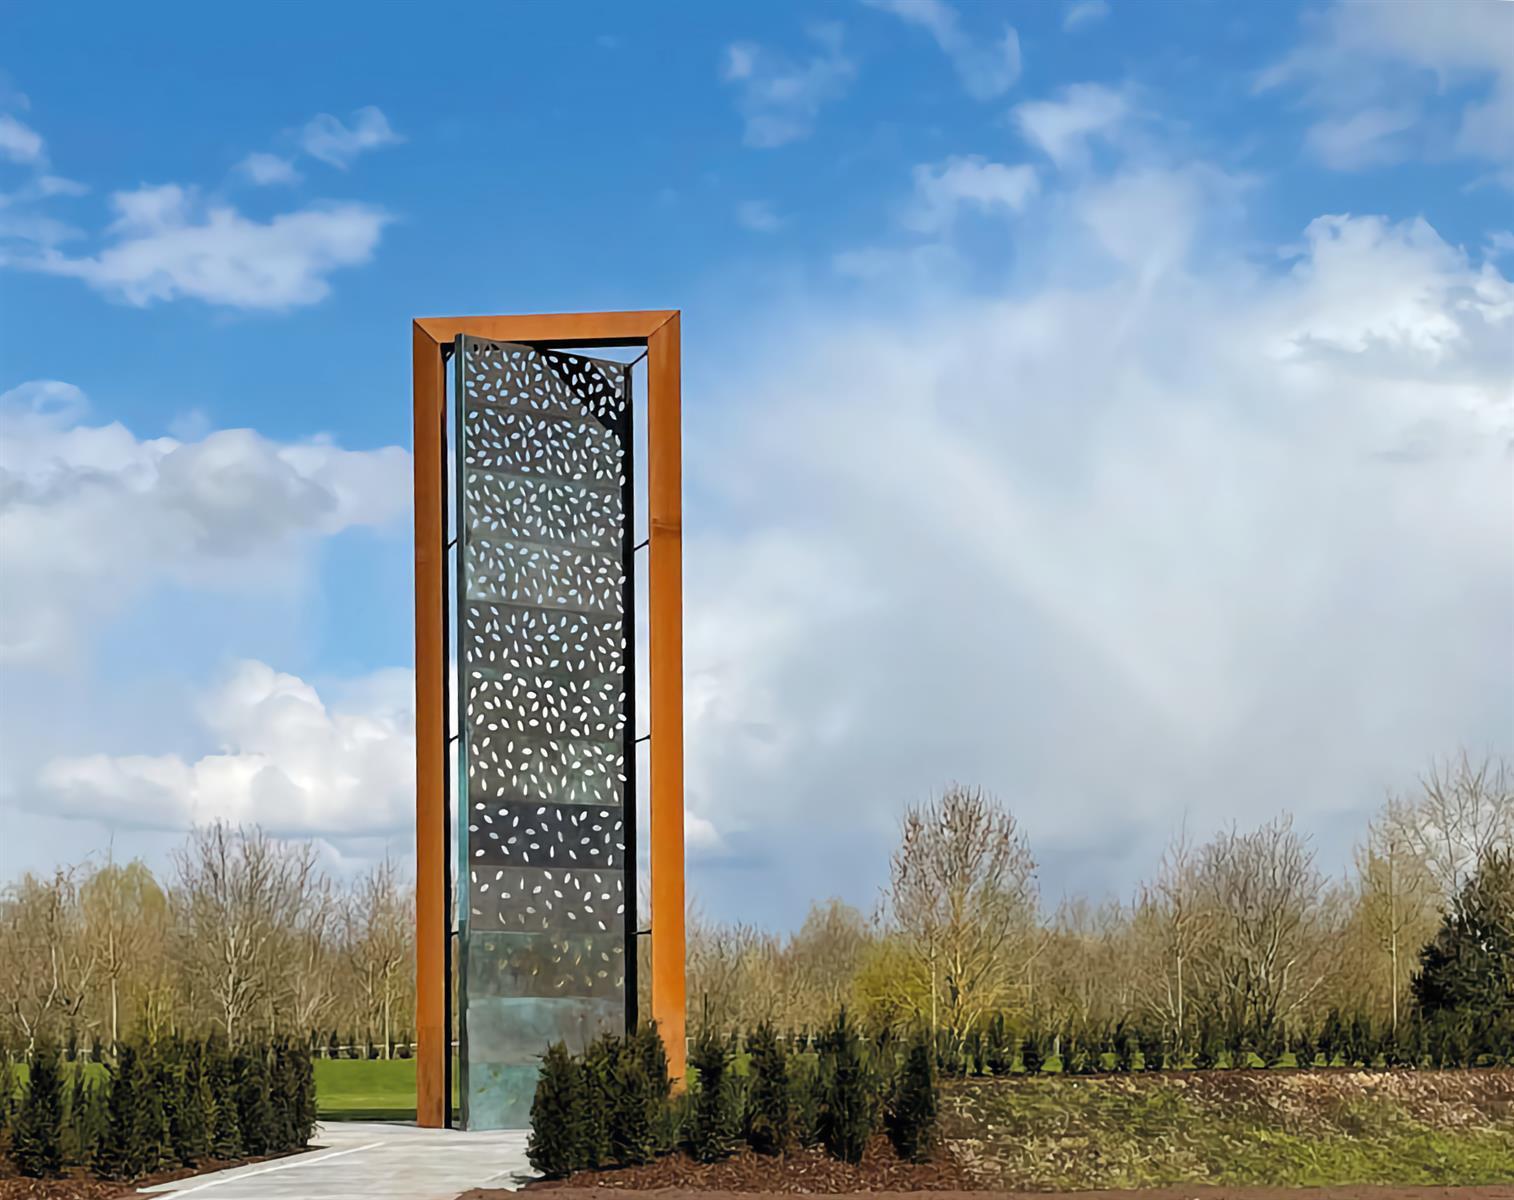 The UK Police Memorial, National Memorial Arboretum